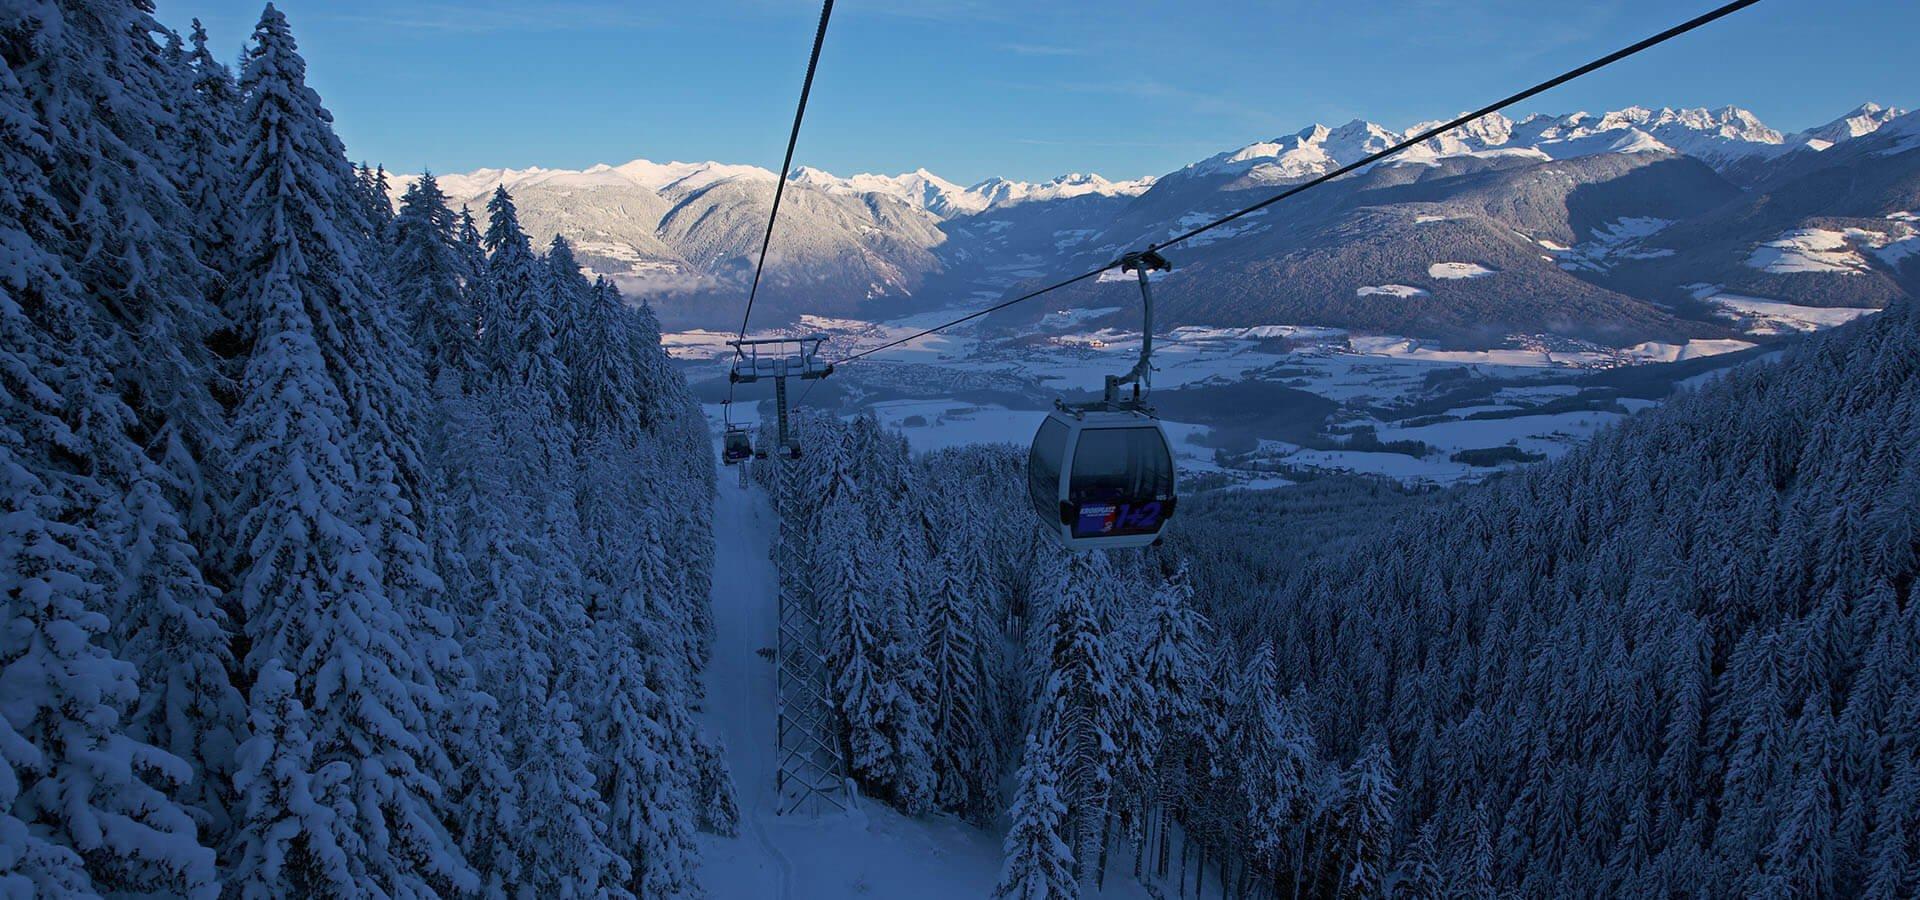 Skigebiet Kronplatz - Fuchshof im Pustertal